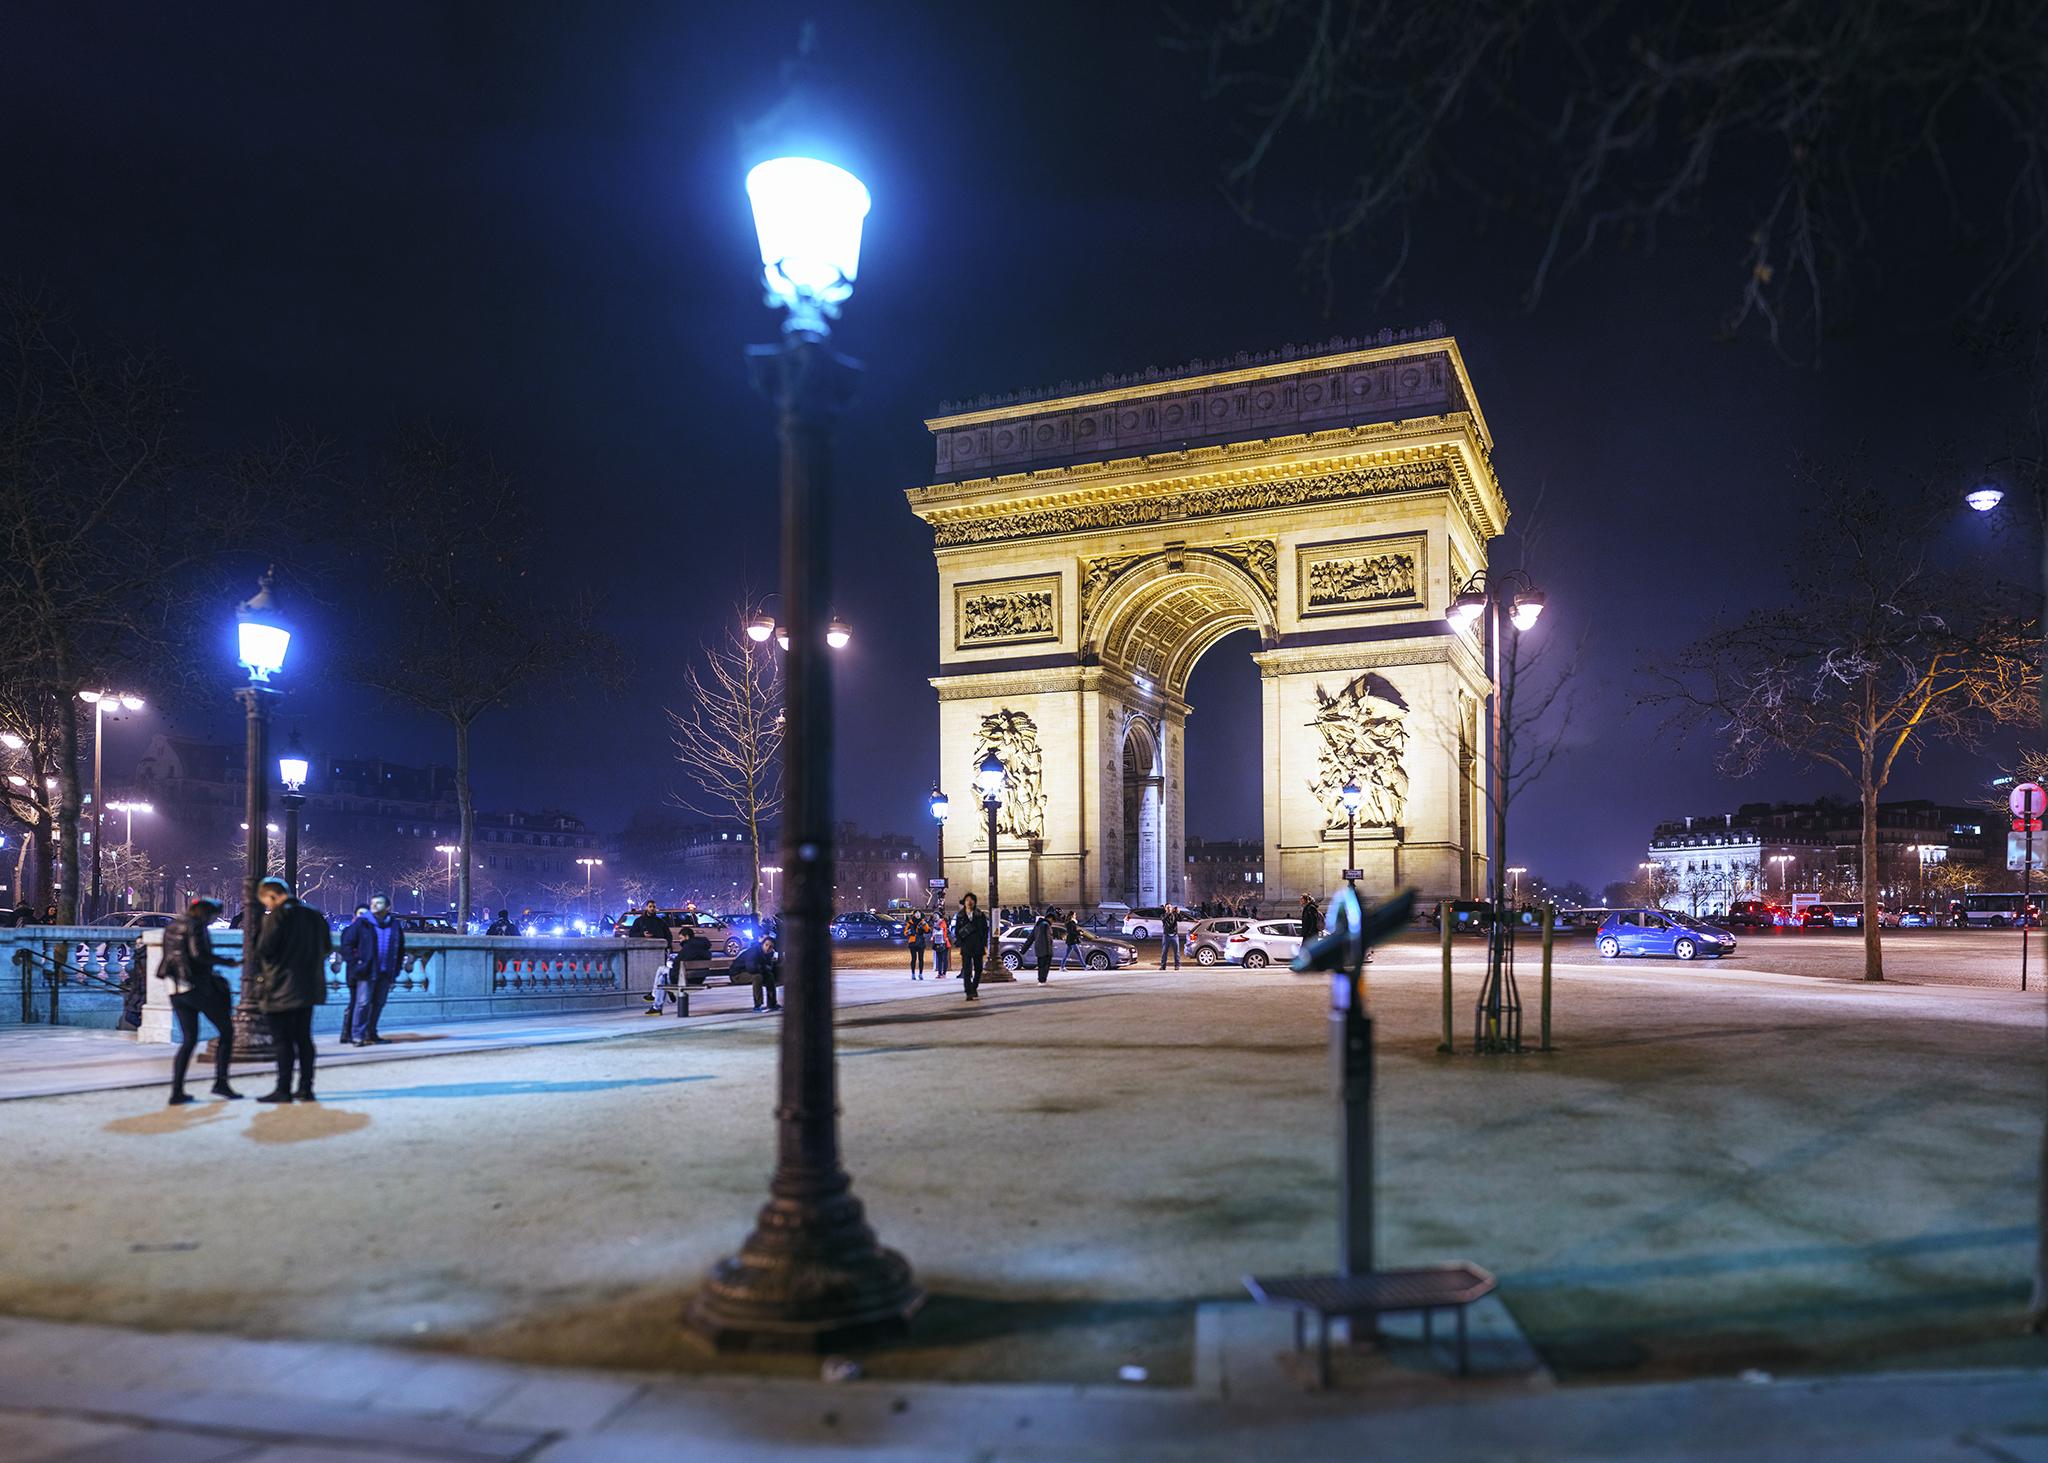 フランス:「エトワール凱旋門/Arc de triomphe」